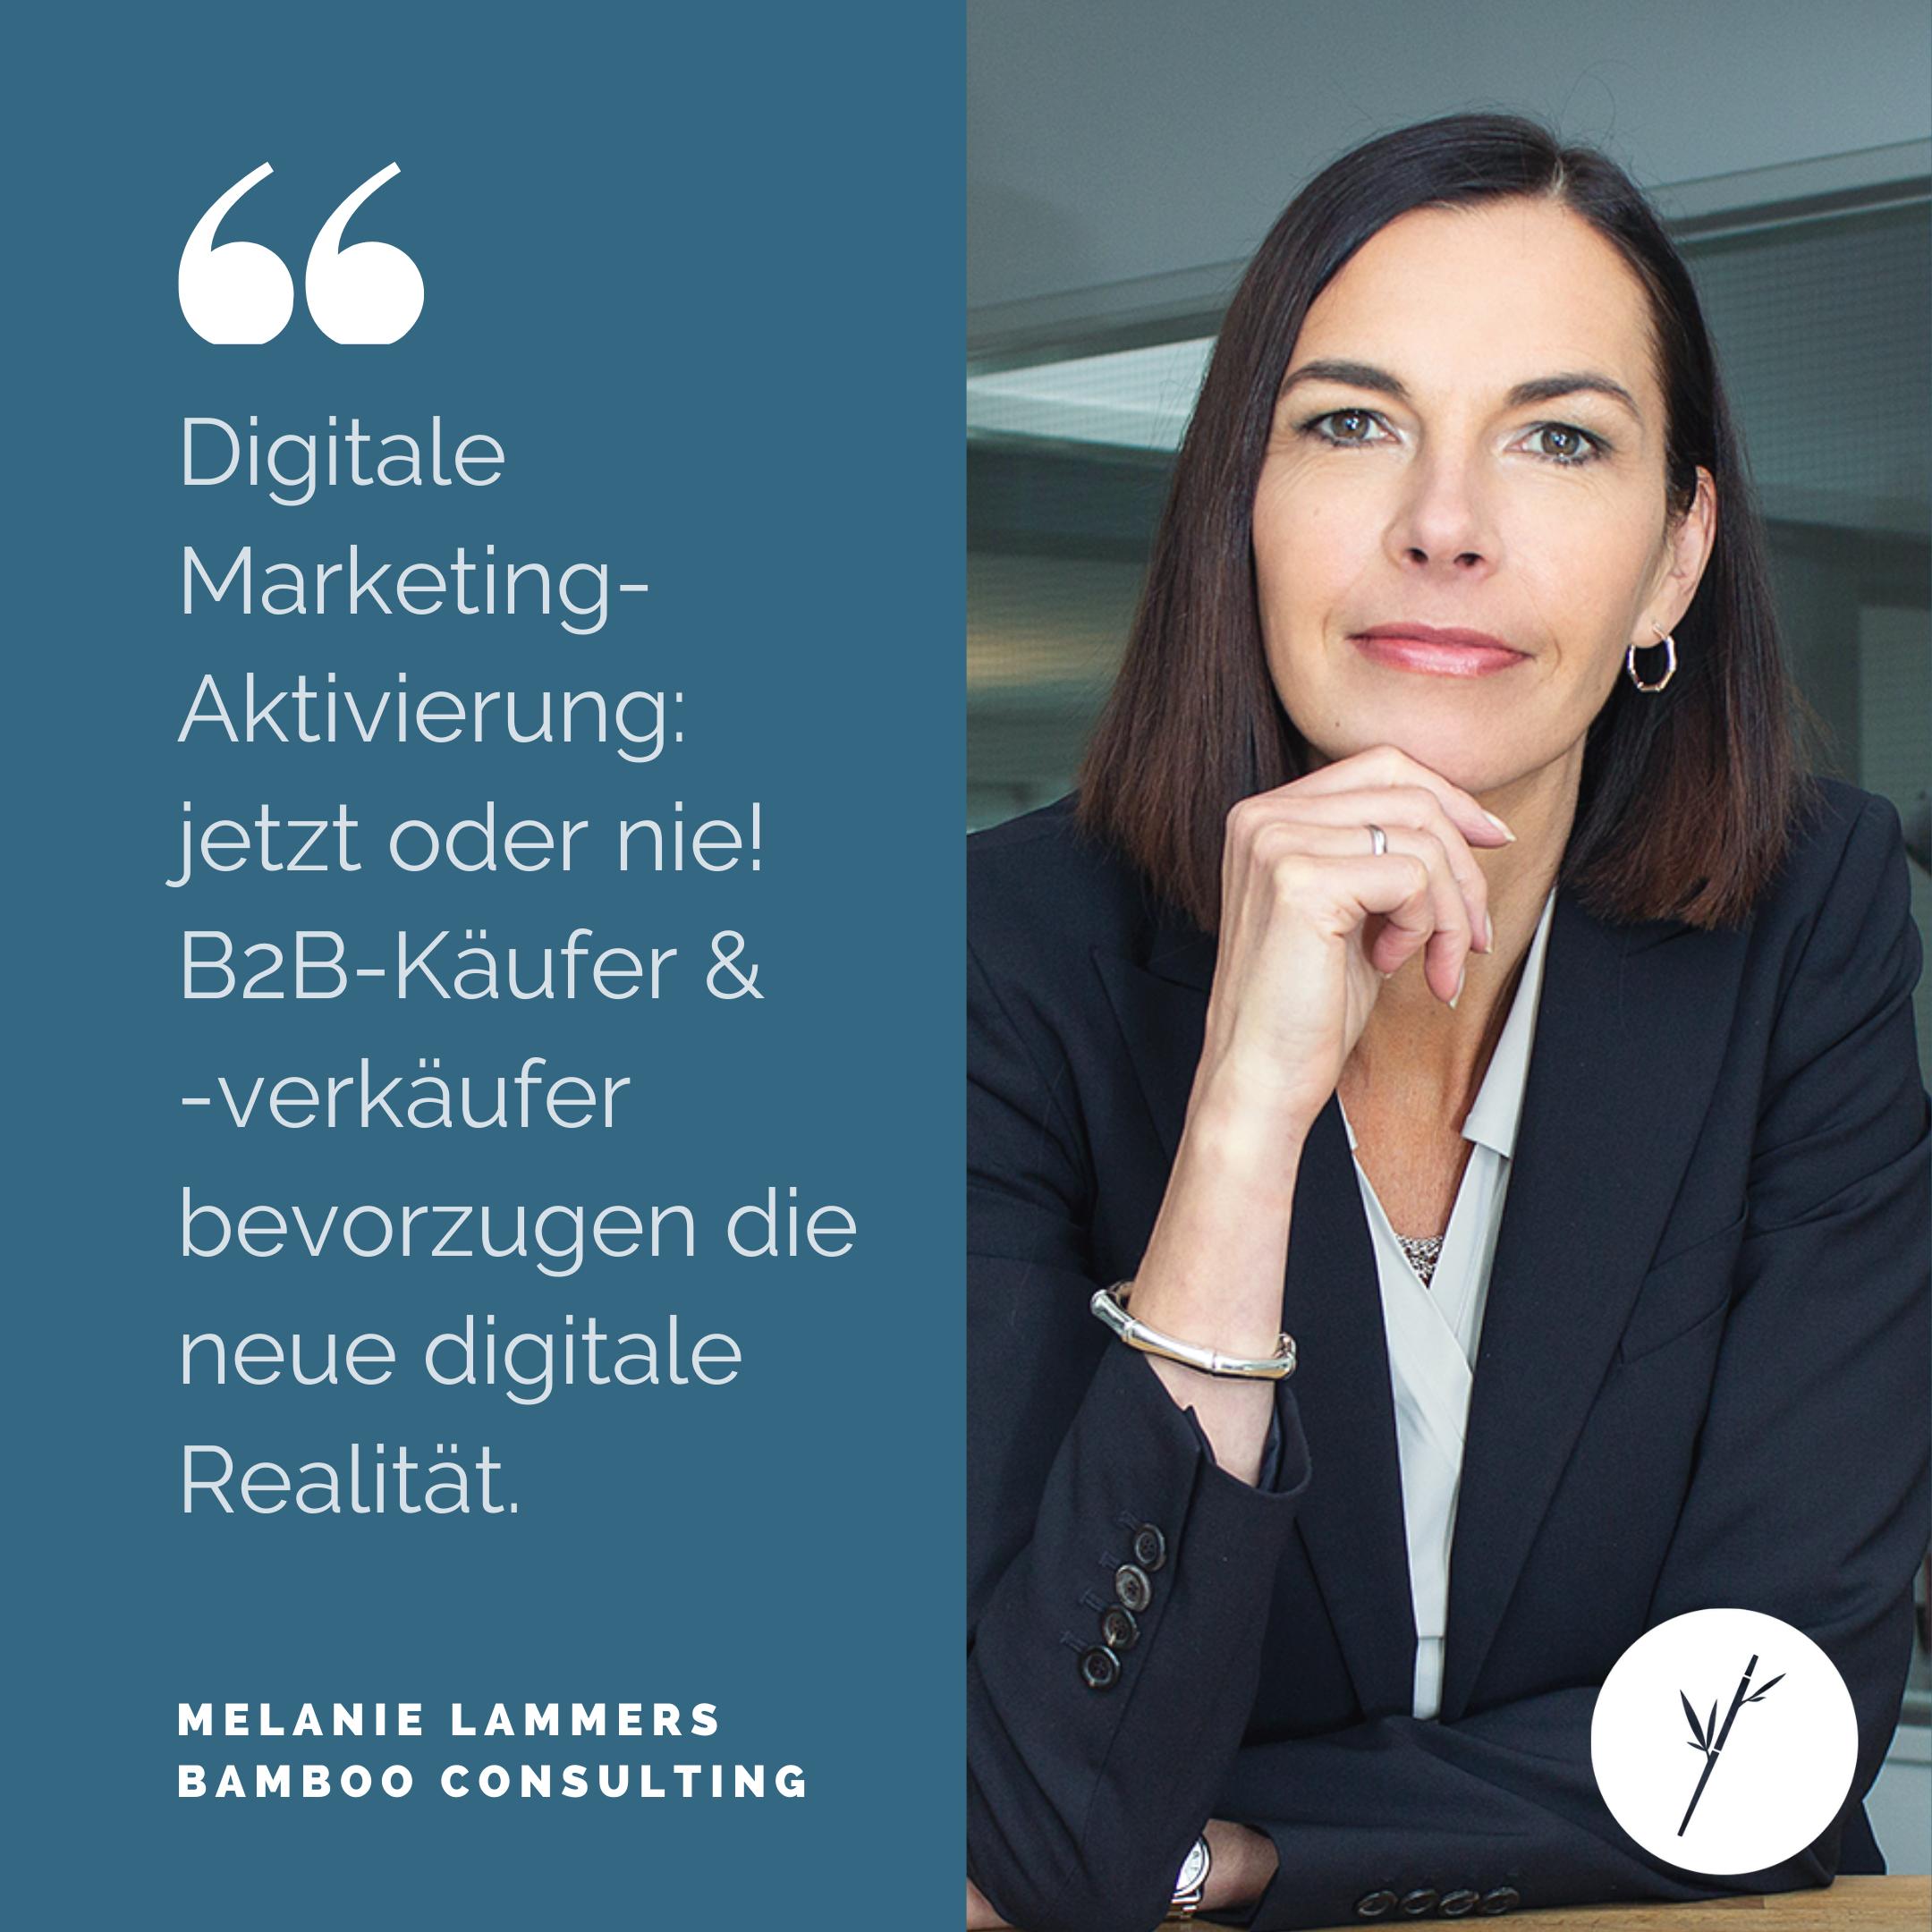 Digitale Marketing Aktivierung